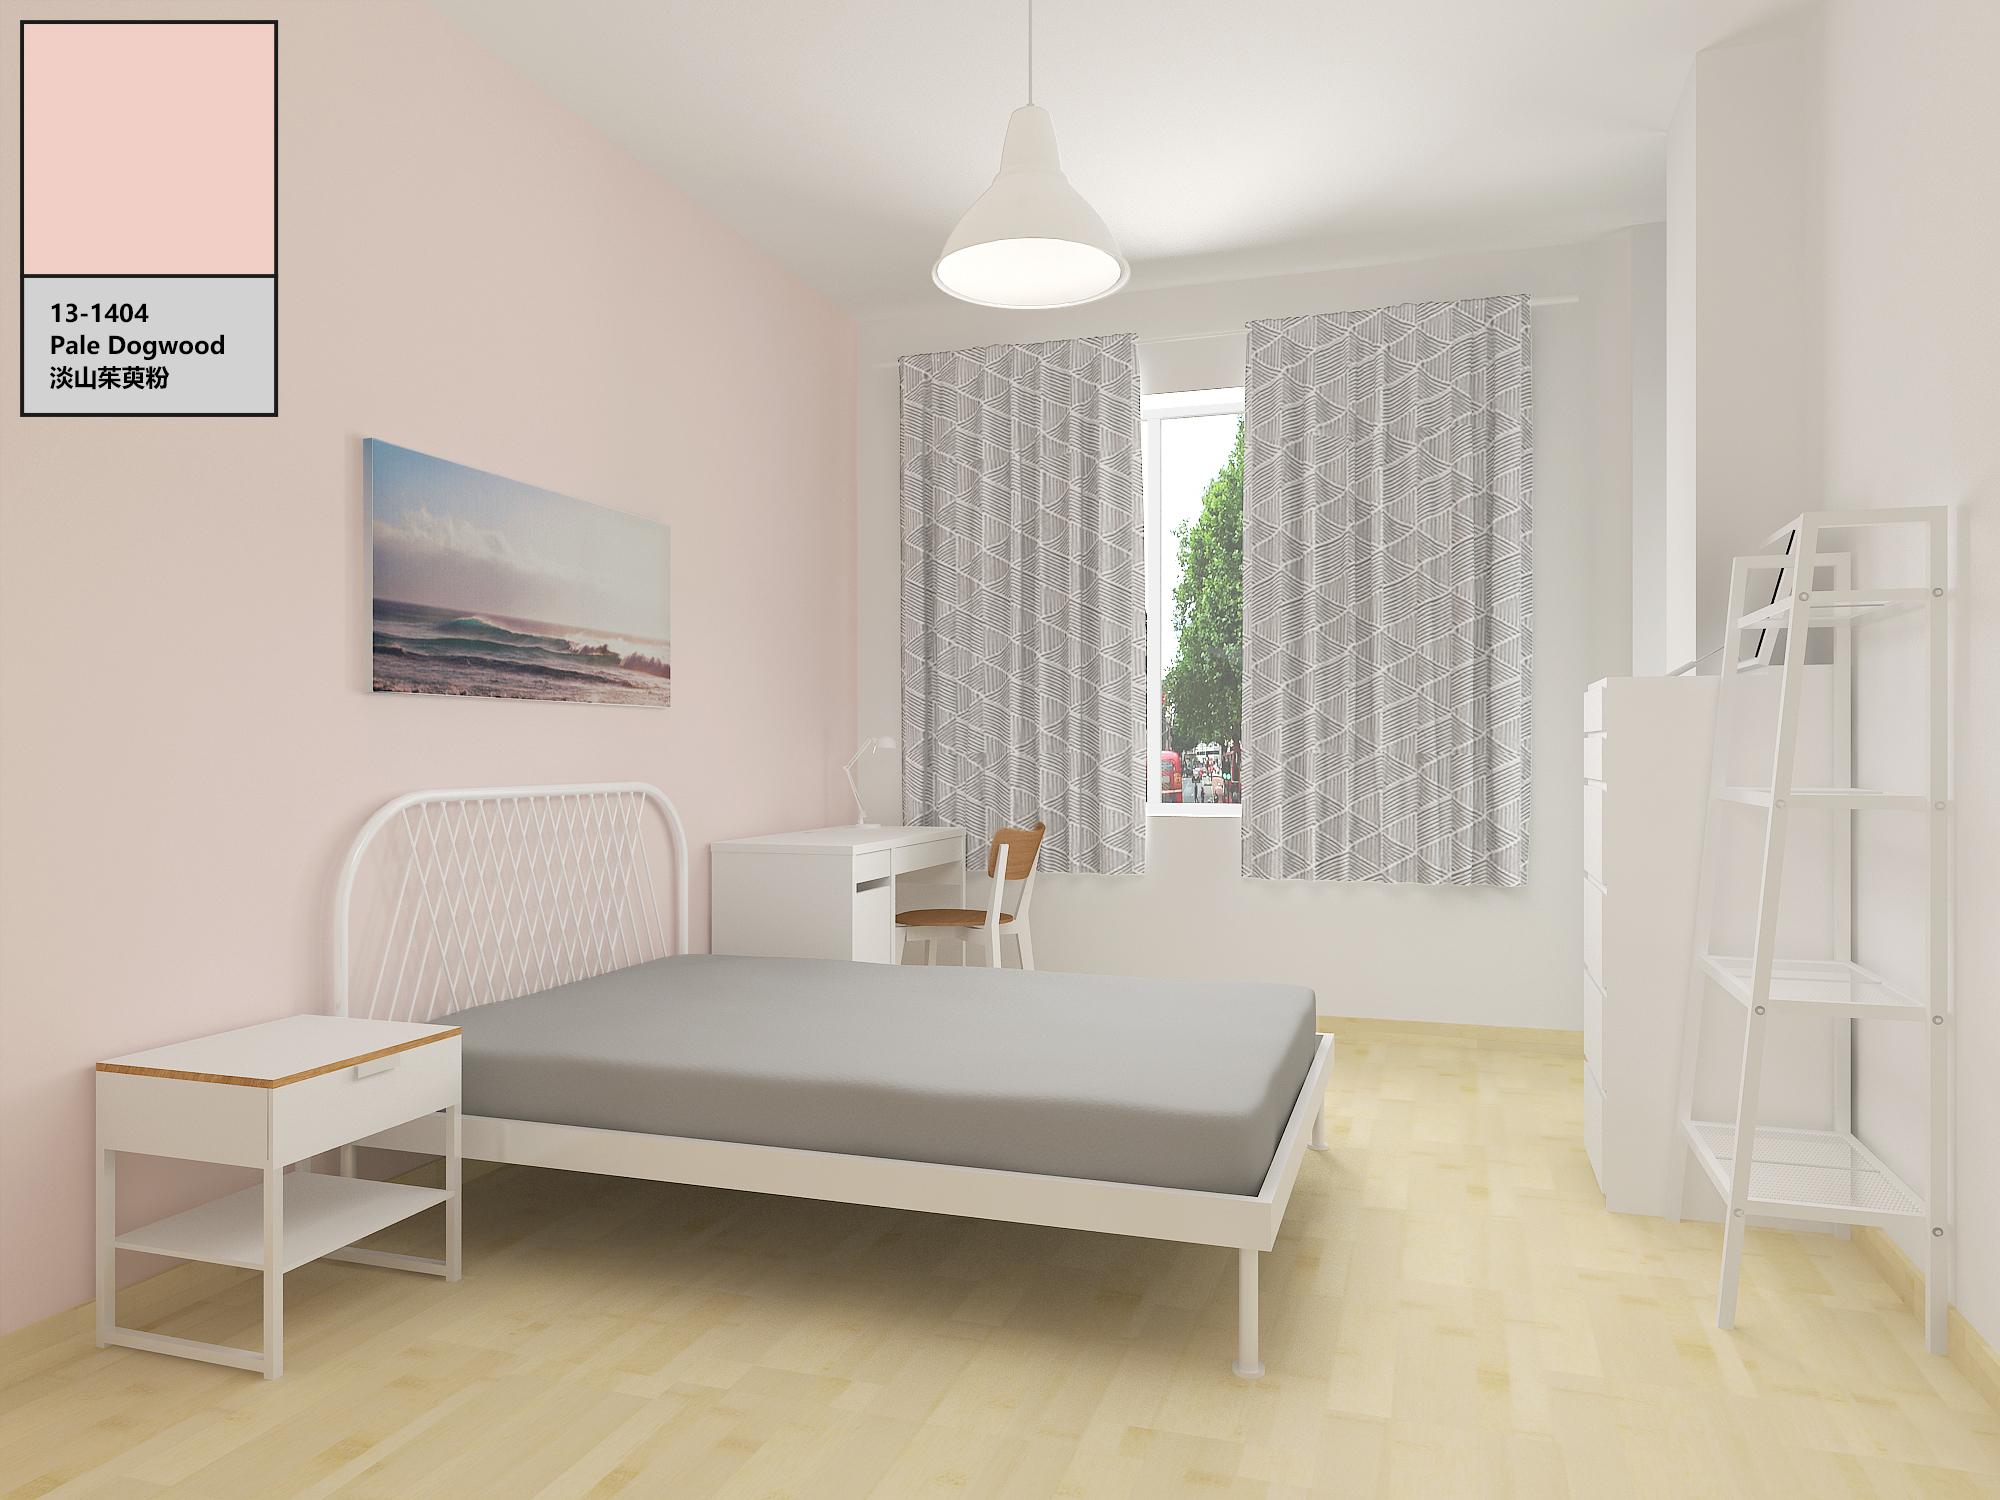 2017年pantone色卧室空间设计|空间|室内设计|klemon